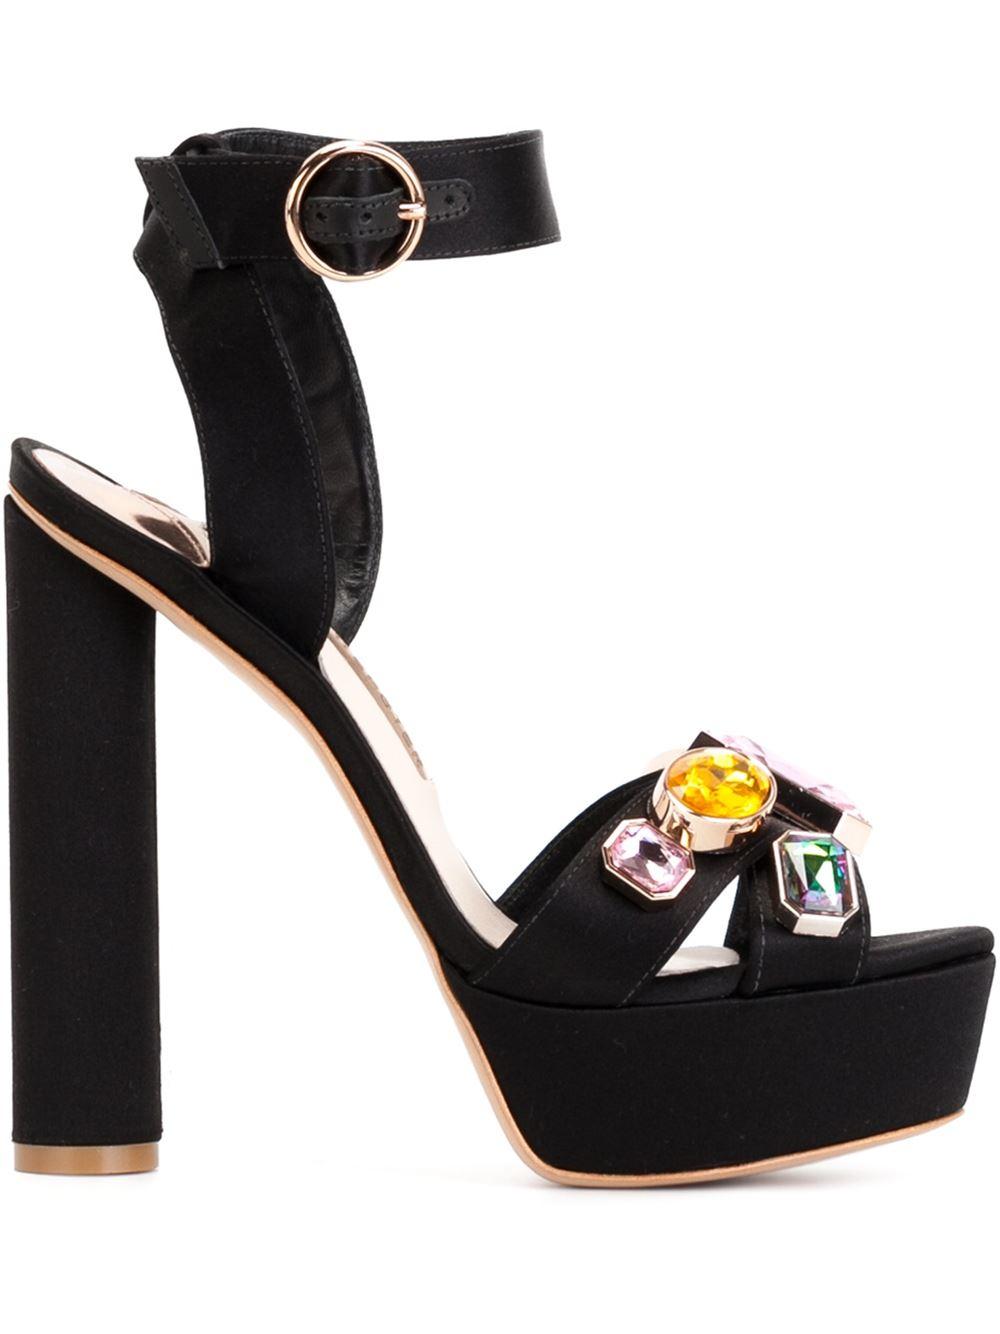 6339149e10a Sophia Webster Amanda Gem Sandals in Black - Lyst